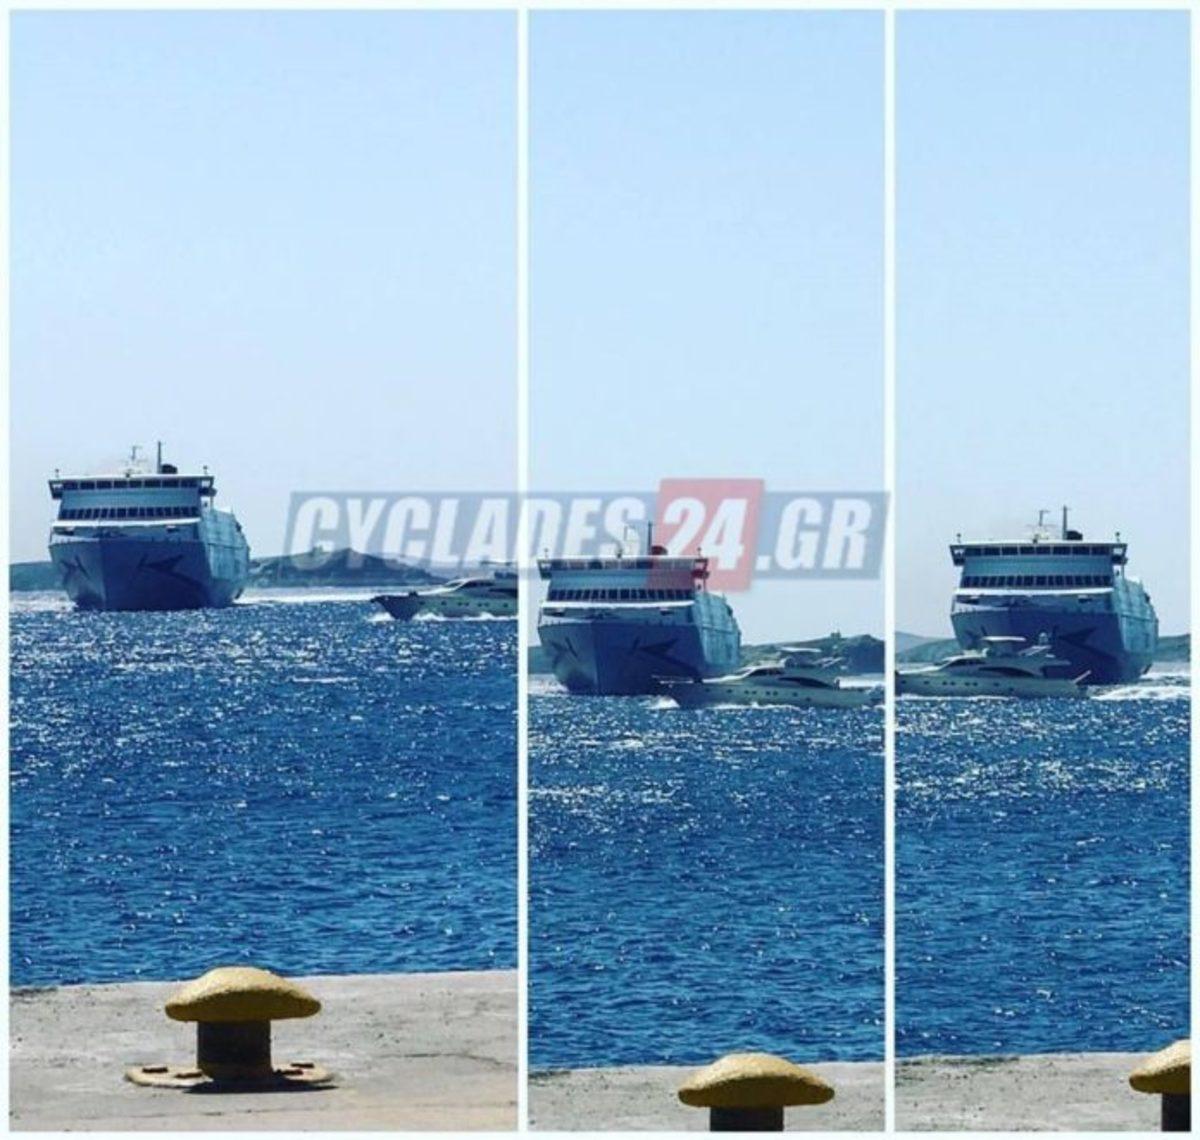 Μύκονος: Παραλίγο τραγωδία! Γιοτ πέρασε ξυστά από το Tera Jet [pic]   Newsit.gr